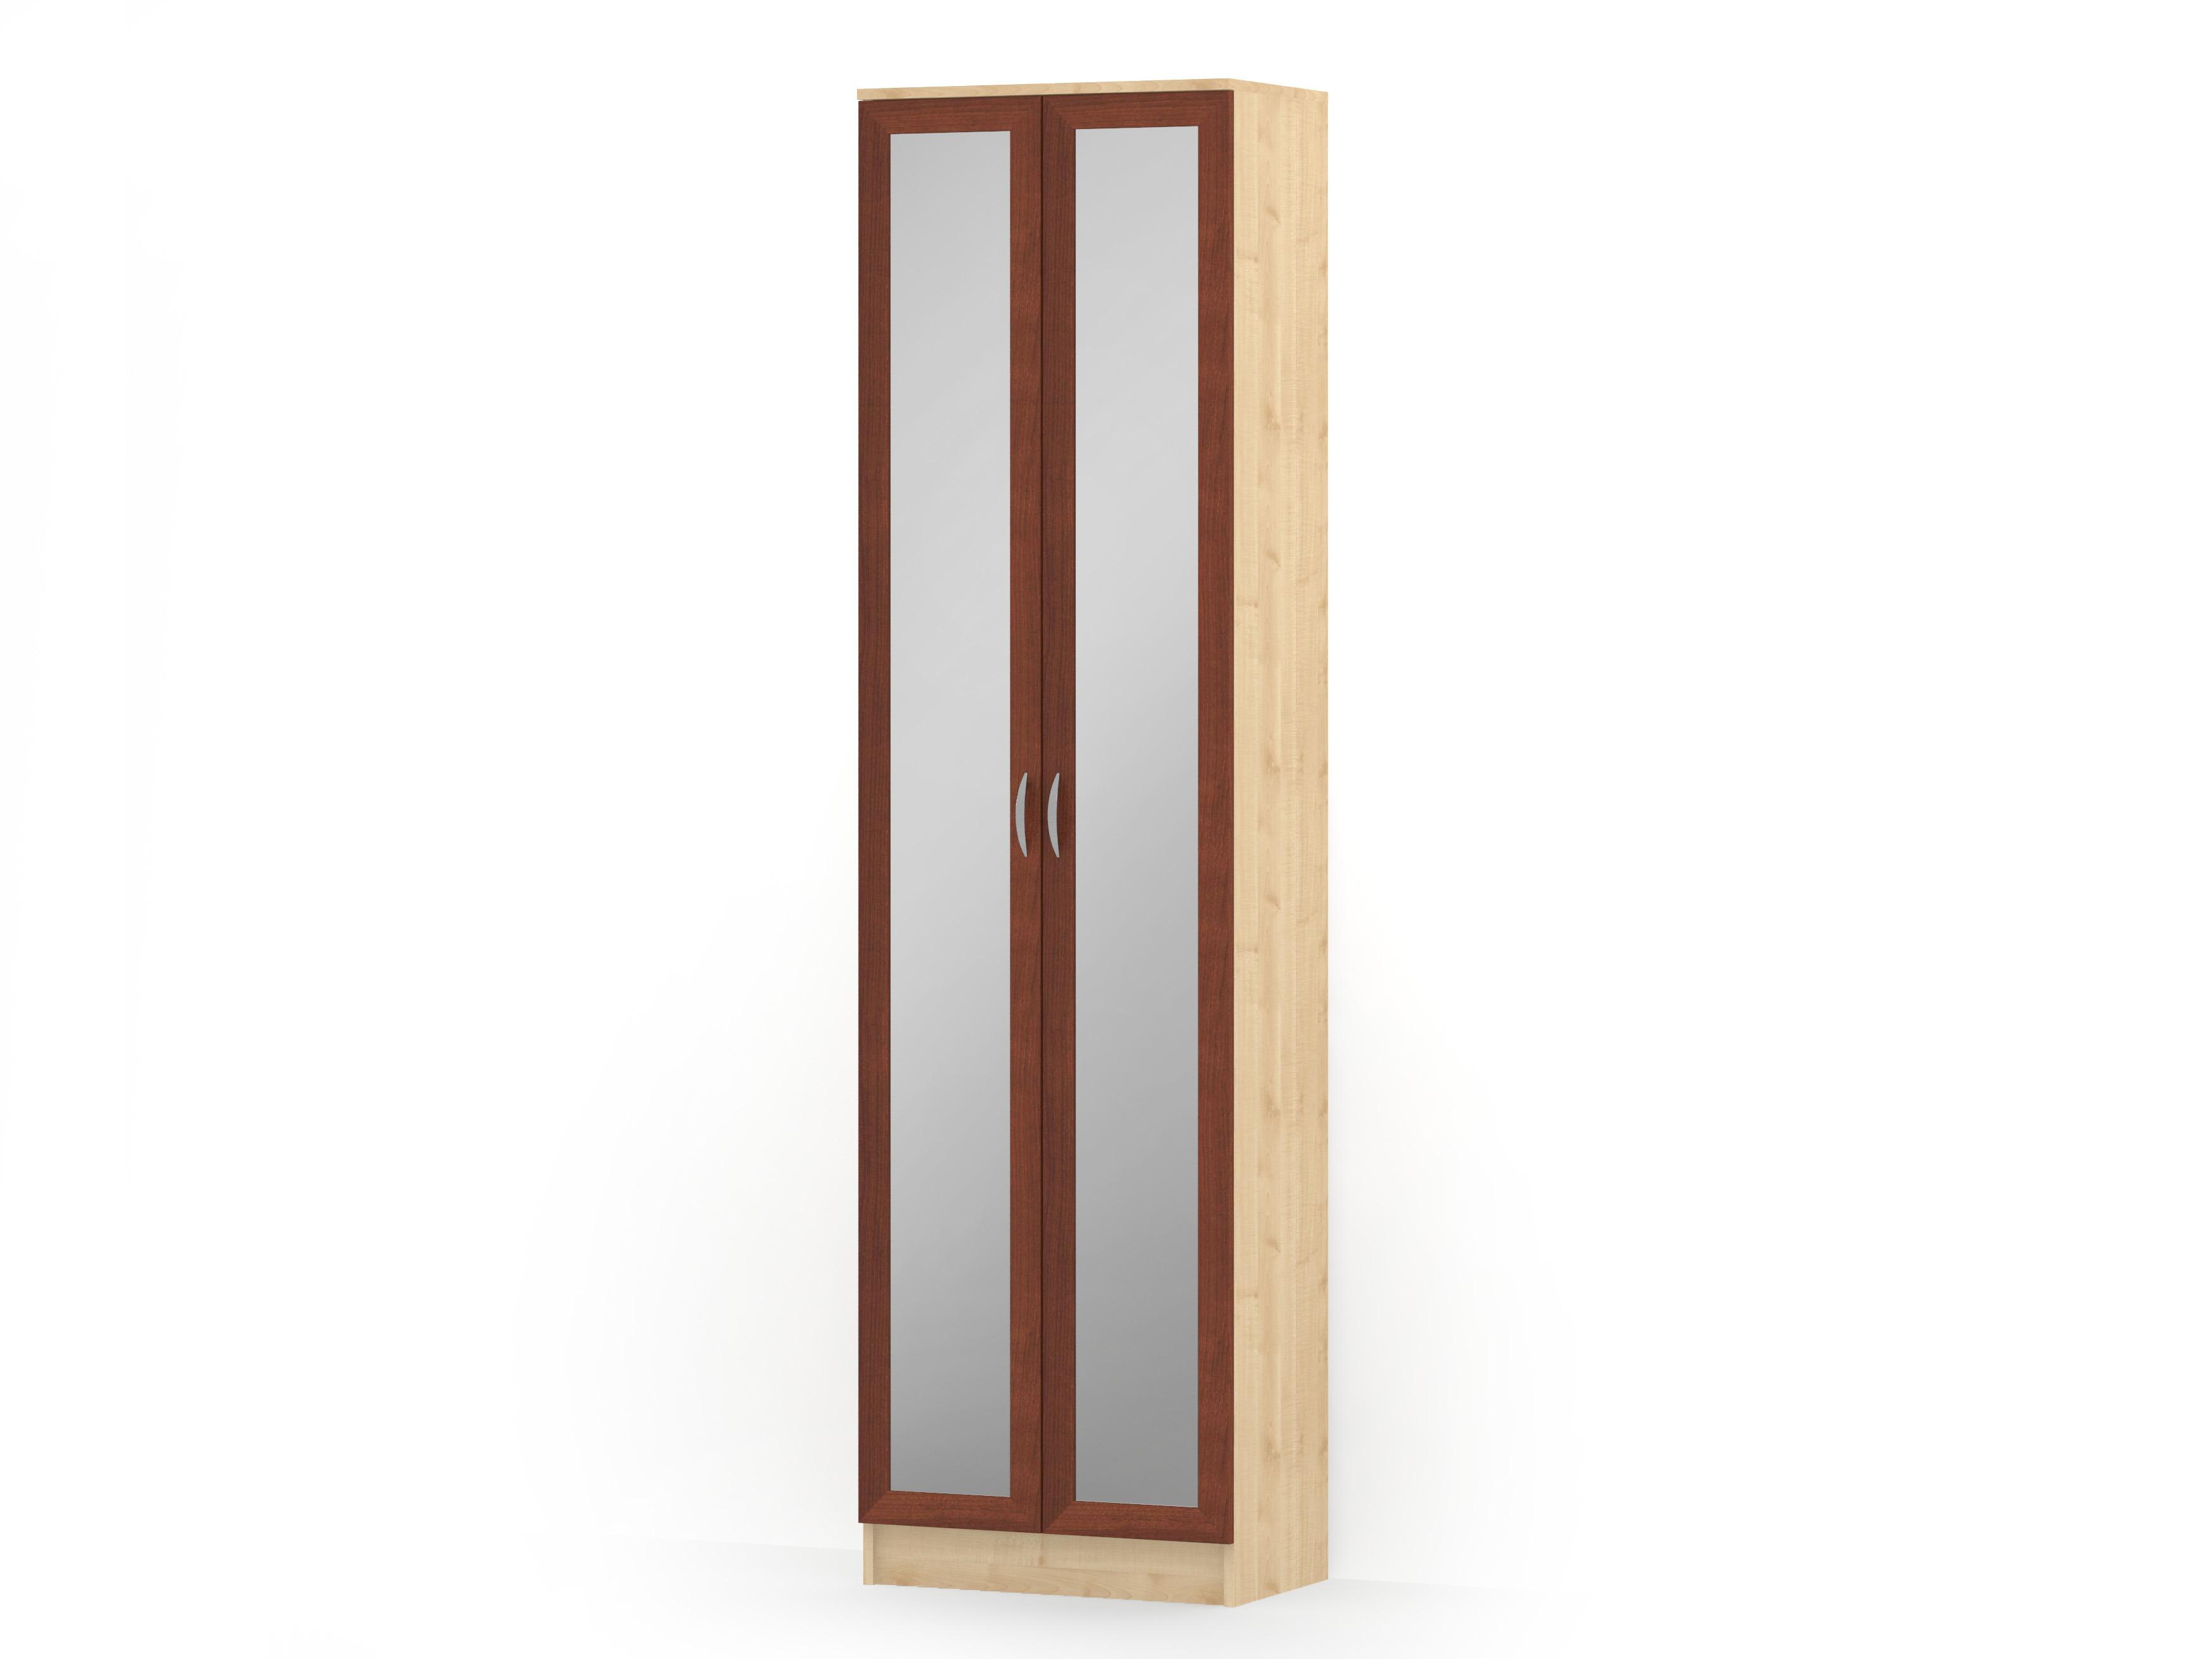 Шкаф распашной 2 двери зеркало (кронштейн) ГОРИЗОНТ-Р